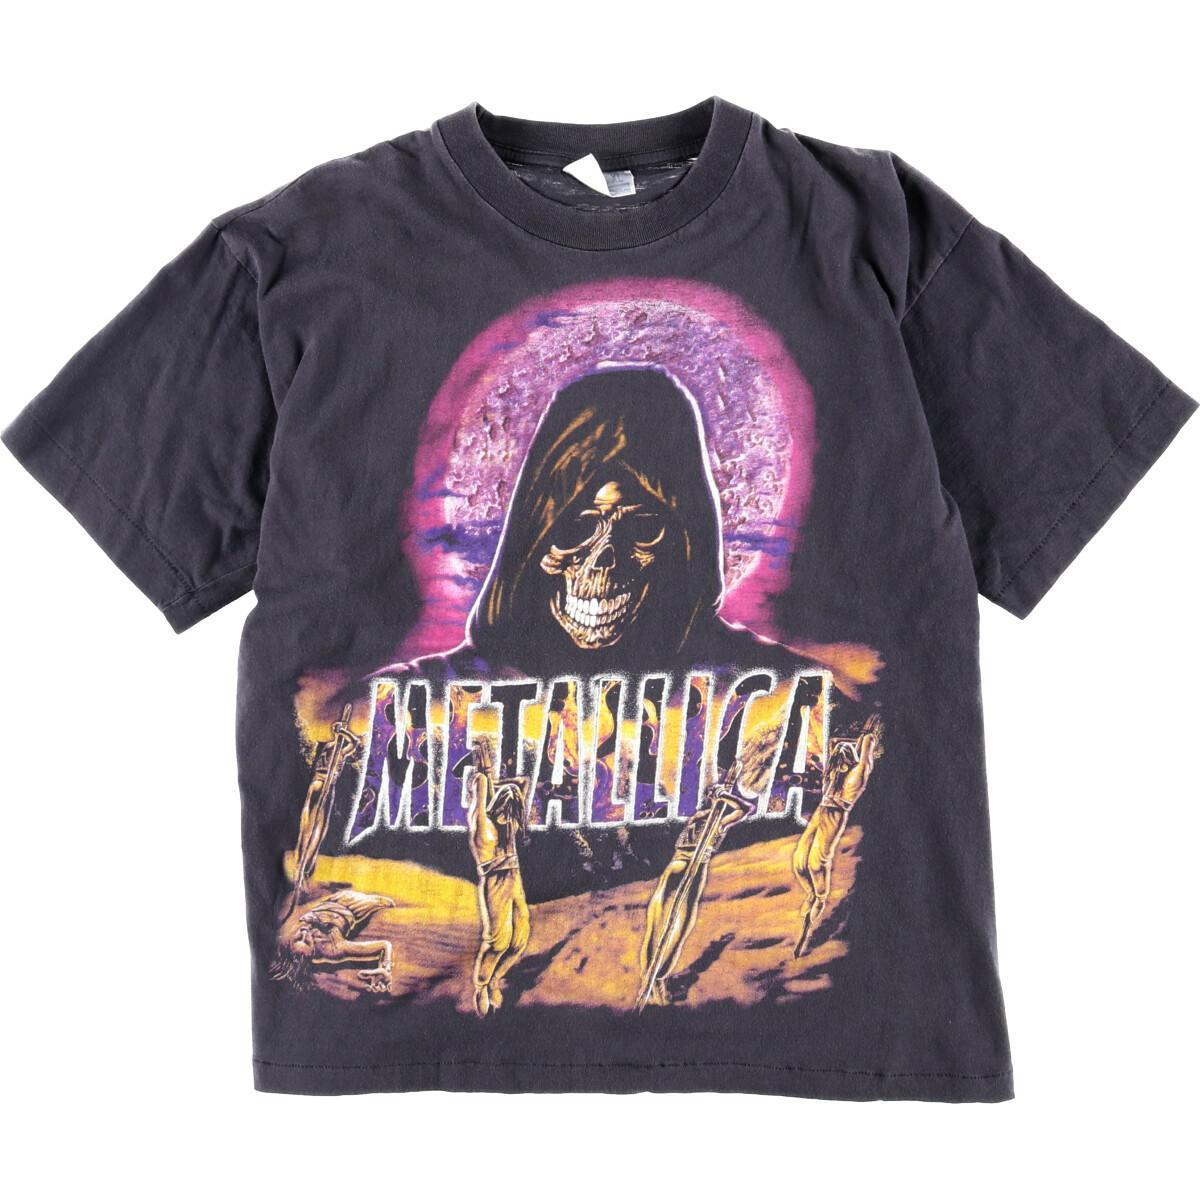 大判プリント METALLICA メタリカ バンドTシャツ メンズXL ヴィンテージ /wbj1698 【中古】 【200220】【VTG】【SVTG】